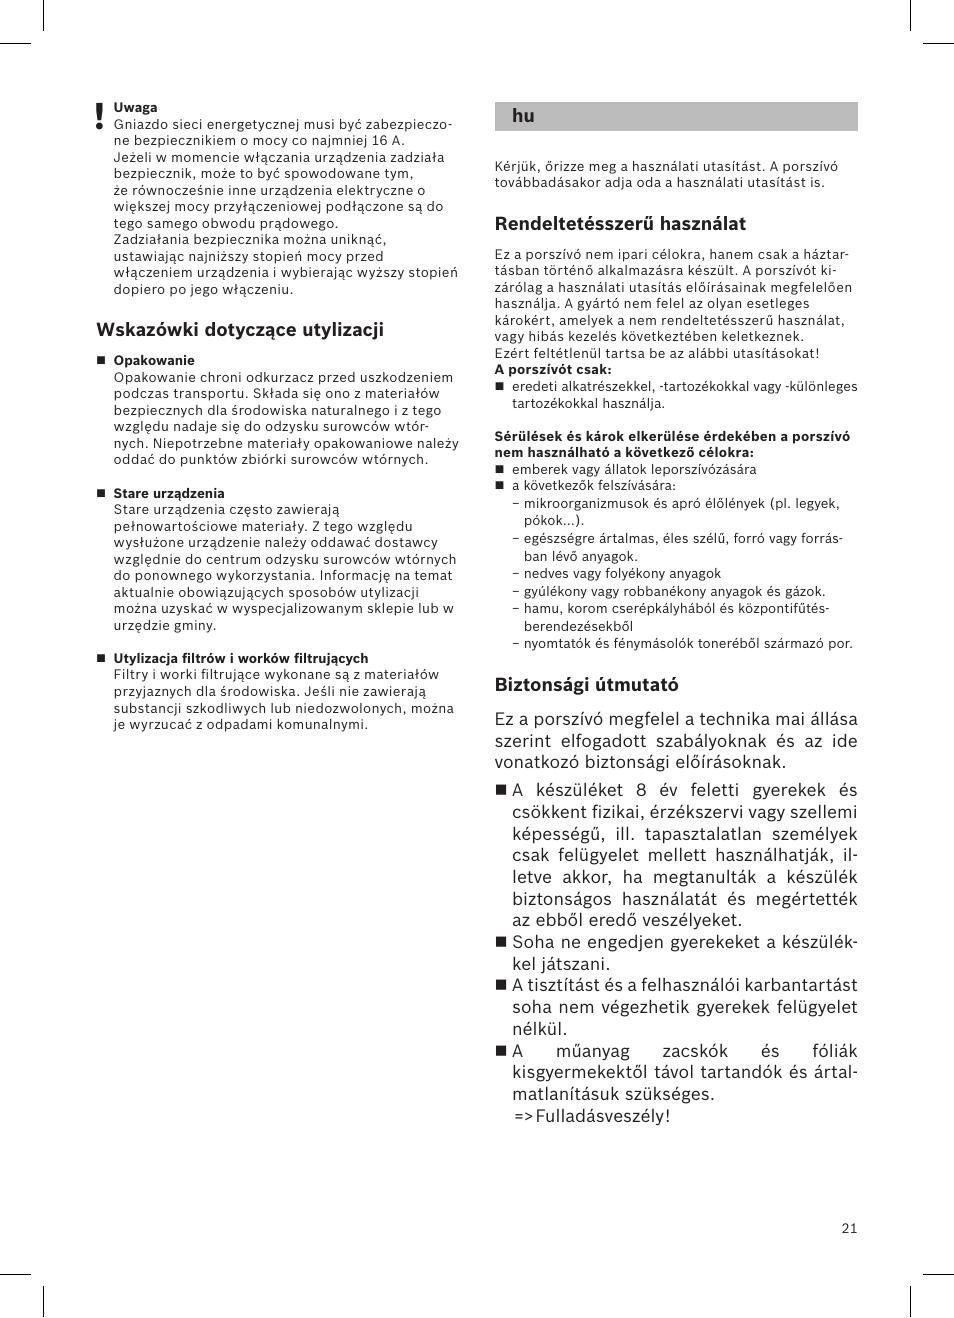 350badb8dffe Wskazówki dotyczące utylizacji, Rendeltetésszerű használat, Biztonsági  útmutató | Bosch Aspirateur sans sac BGS32200 Bosch